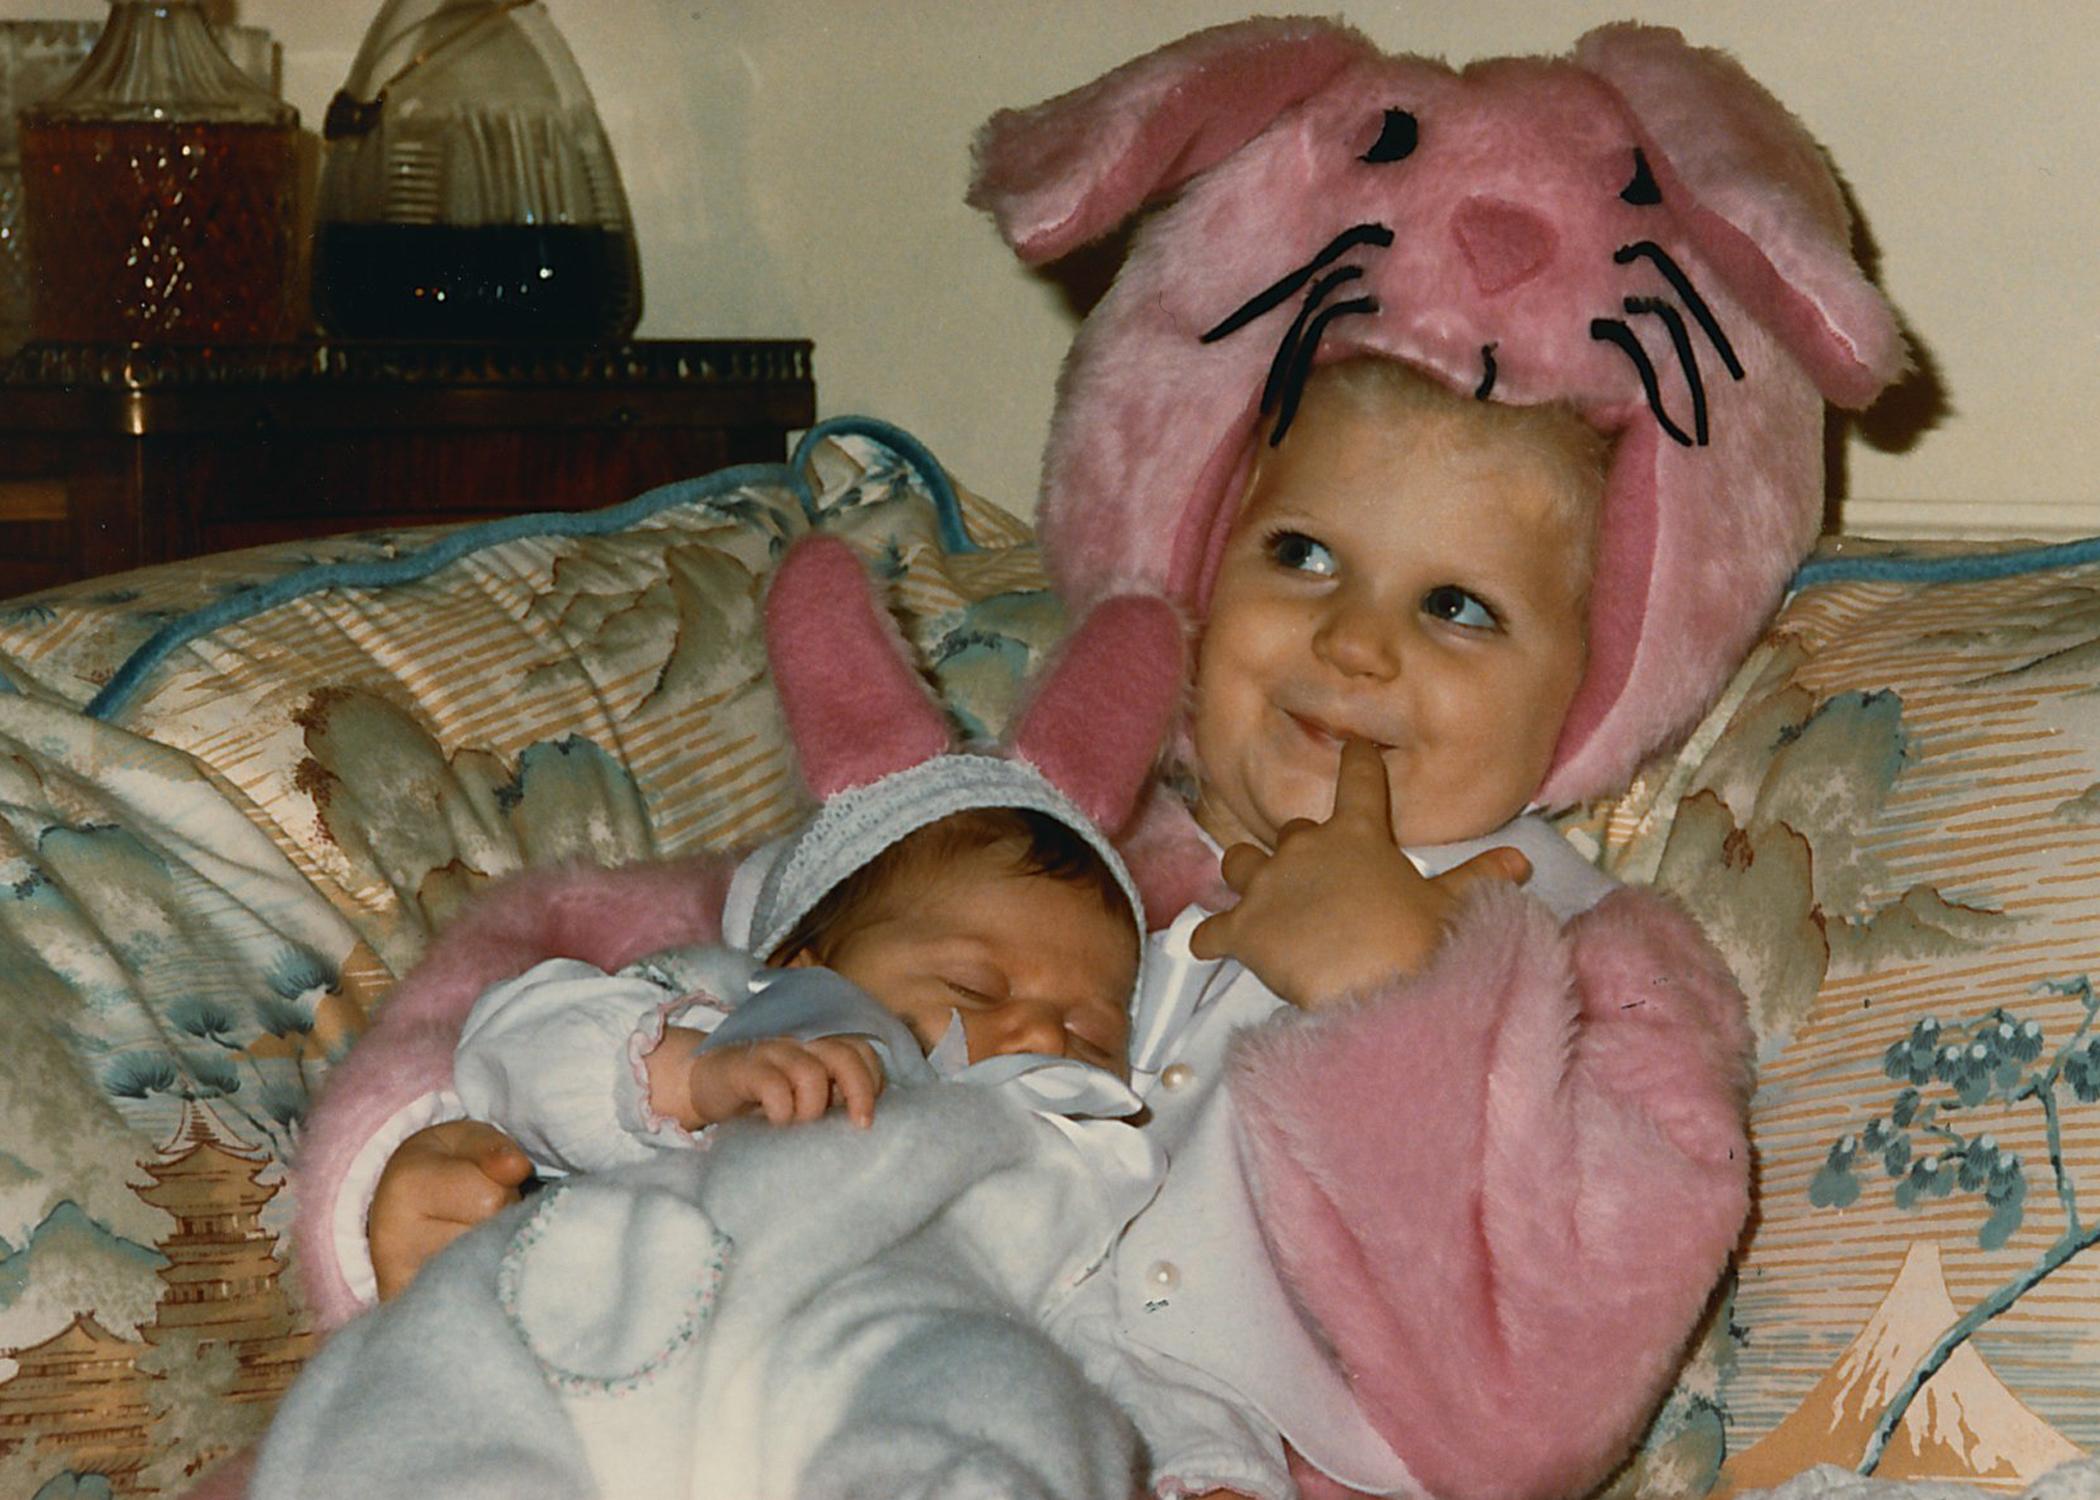 Me and Lauren on October 31, 1986.